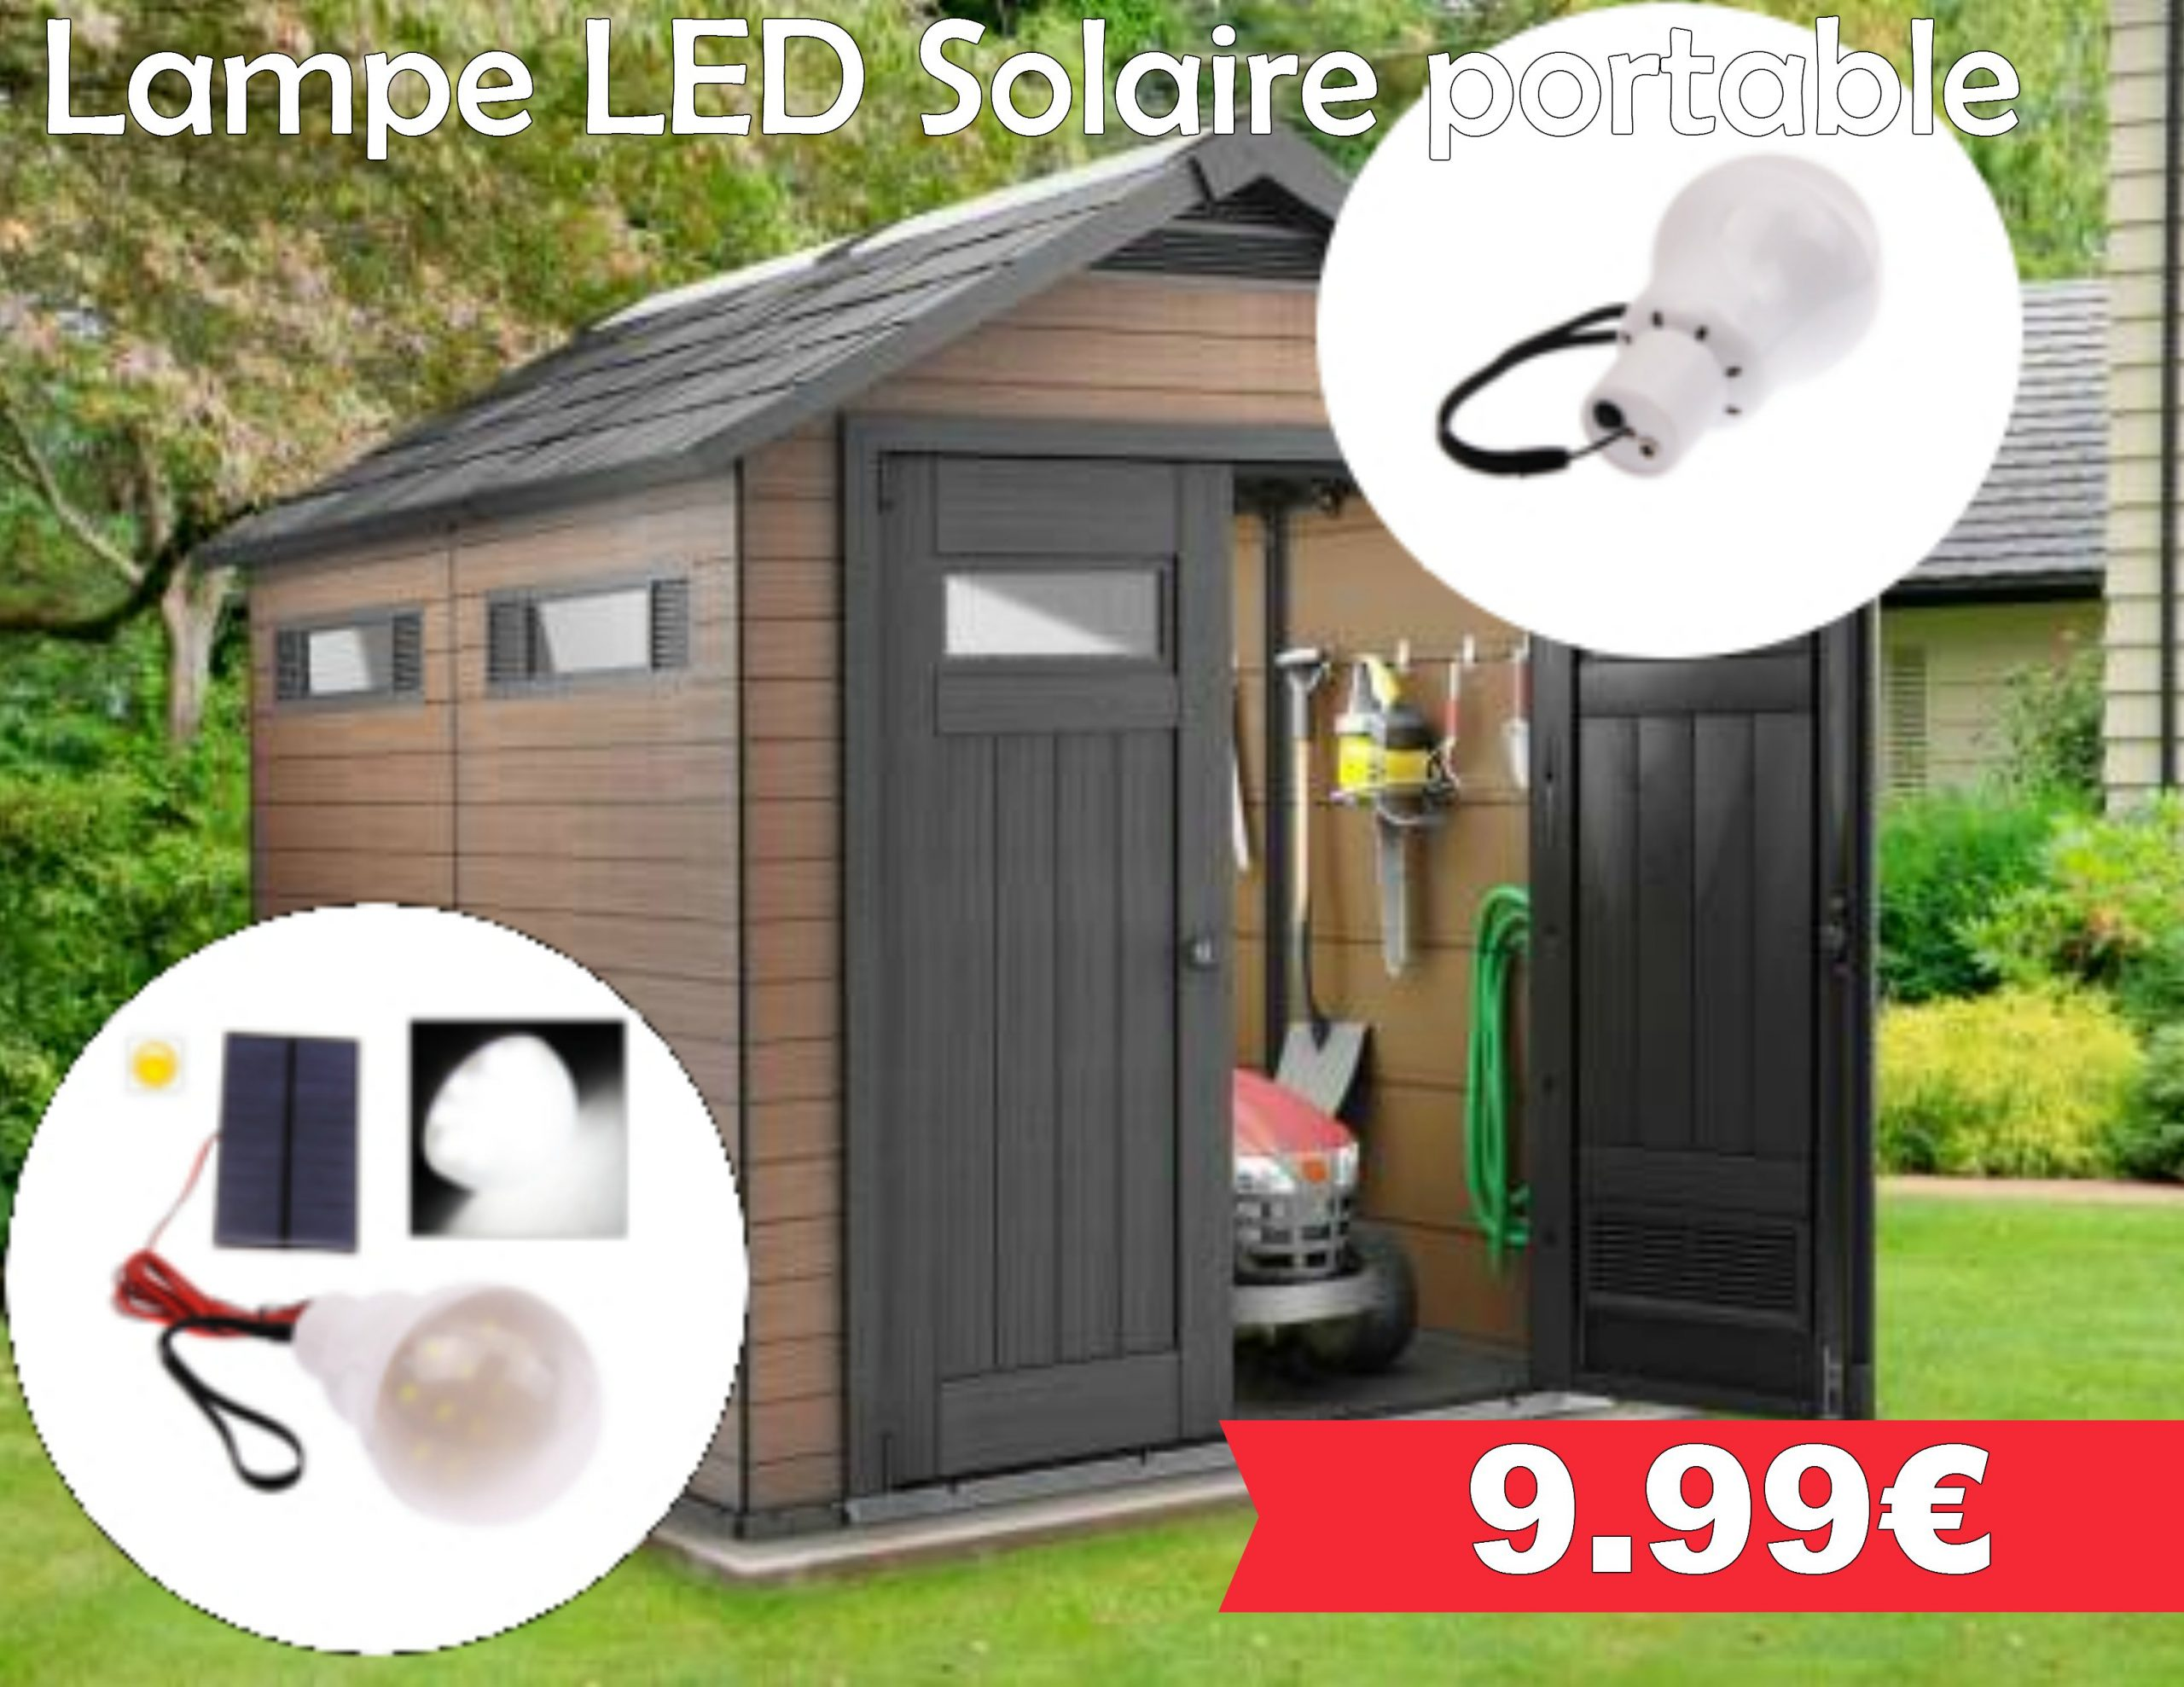 Lampe Led Solaire Portable - Leclerc Pont L'abbé dedans Abri De Jardin E Leclerc